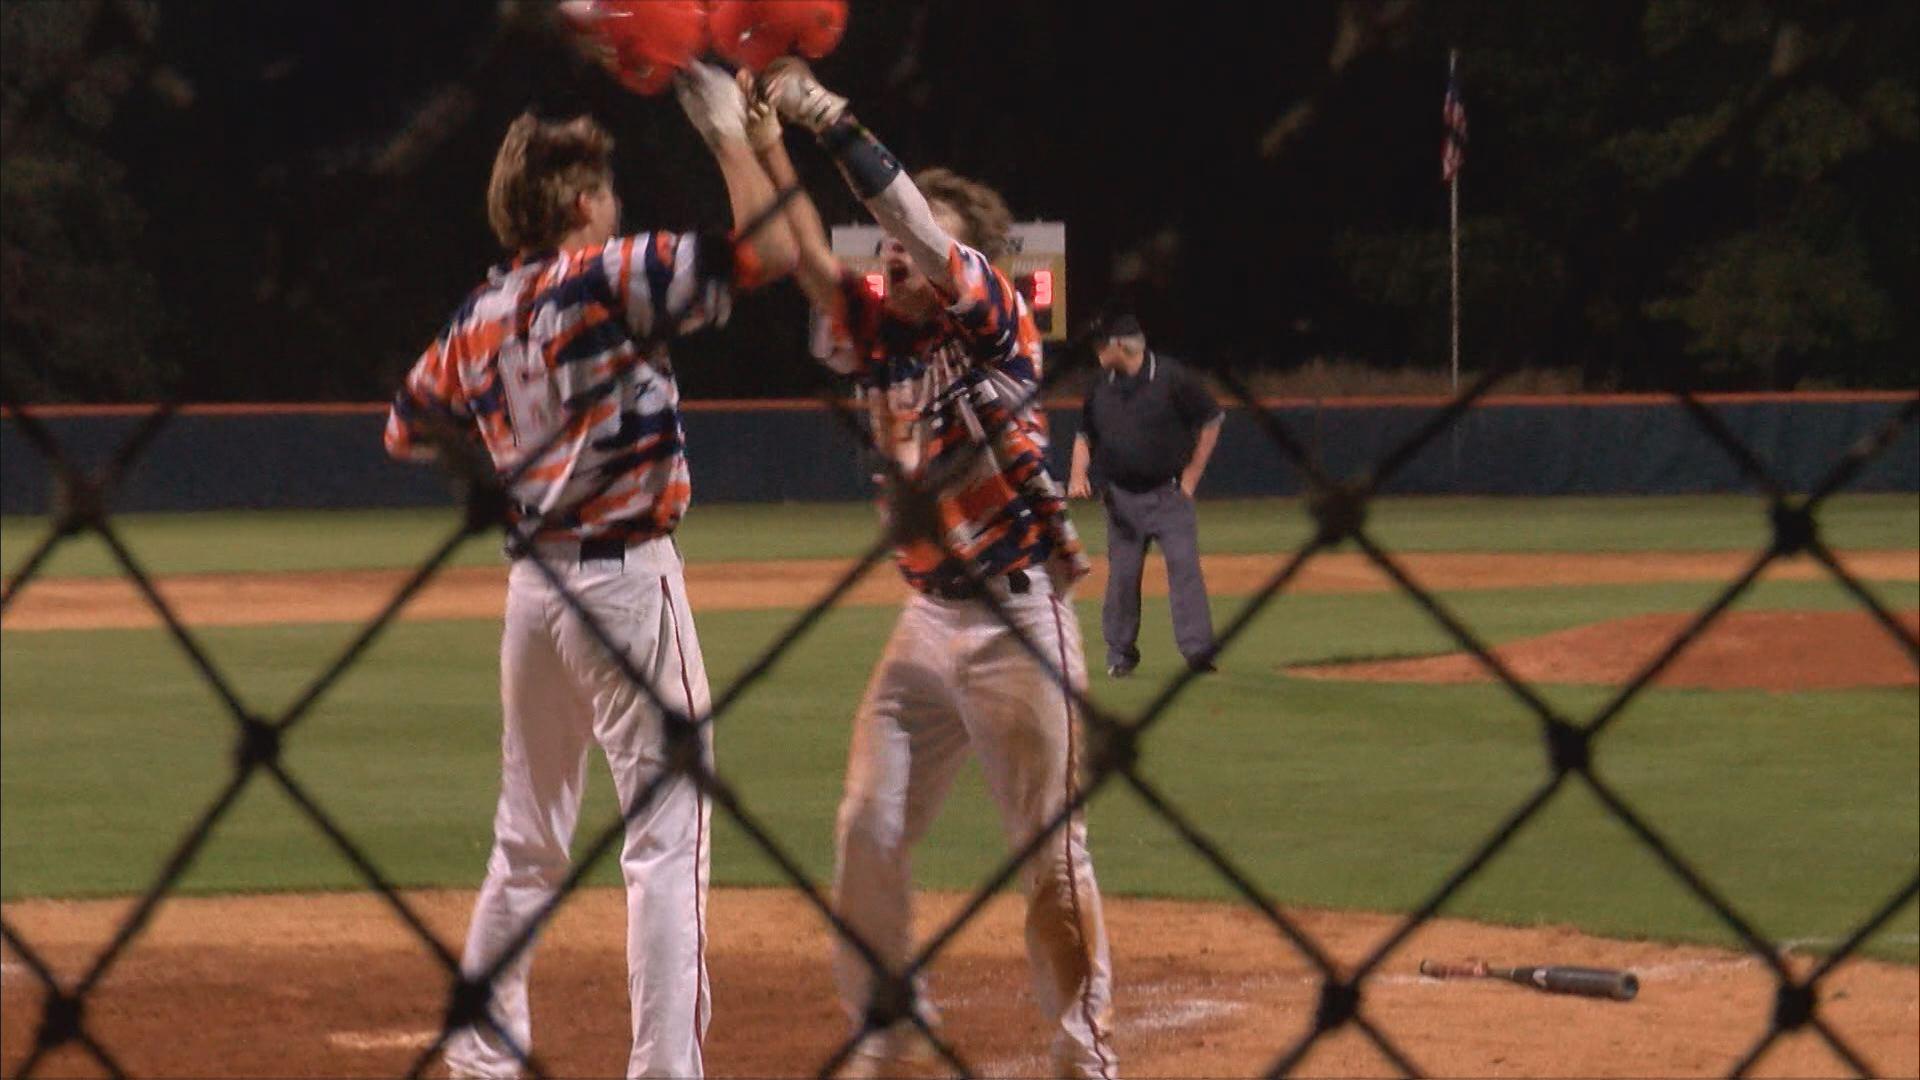 north pitt baseball win_1555553444183.jpg.jpg